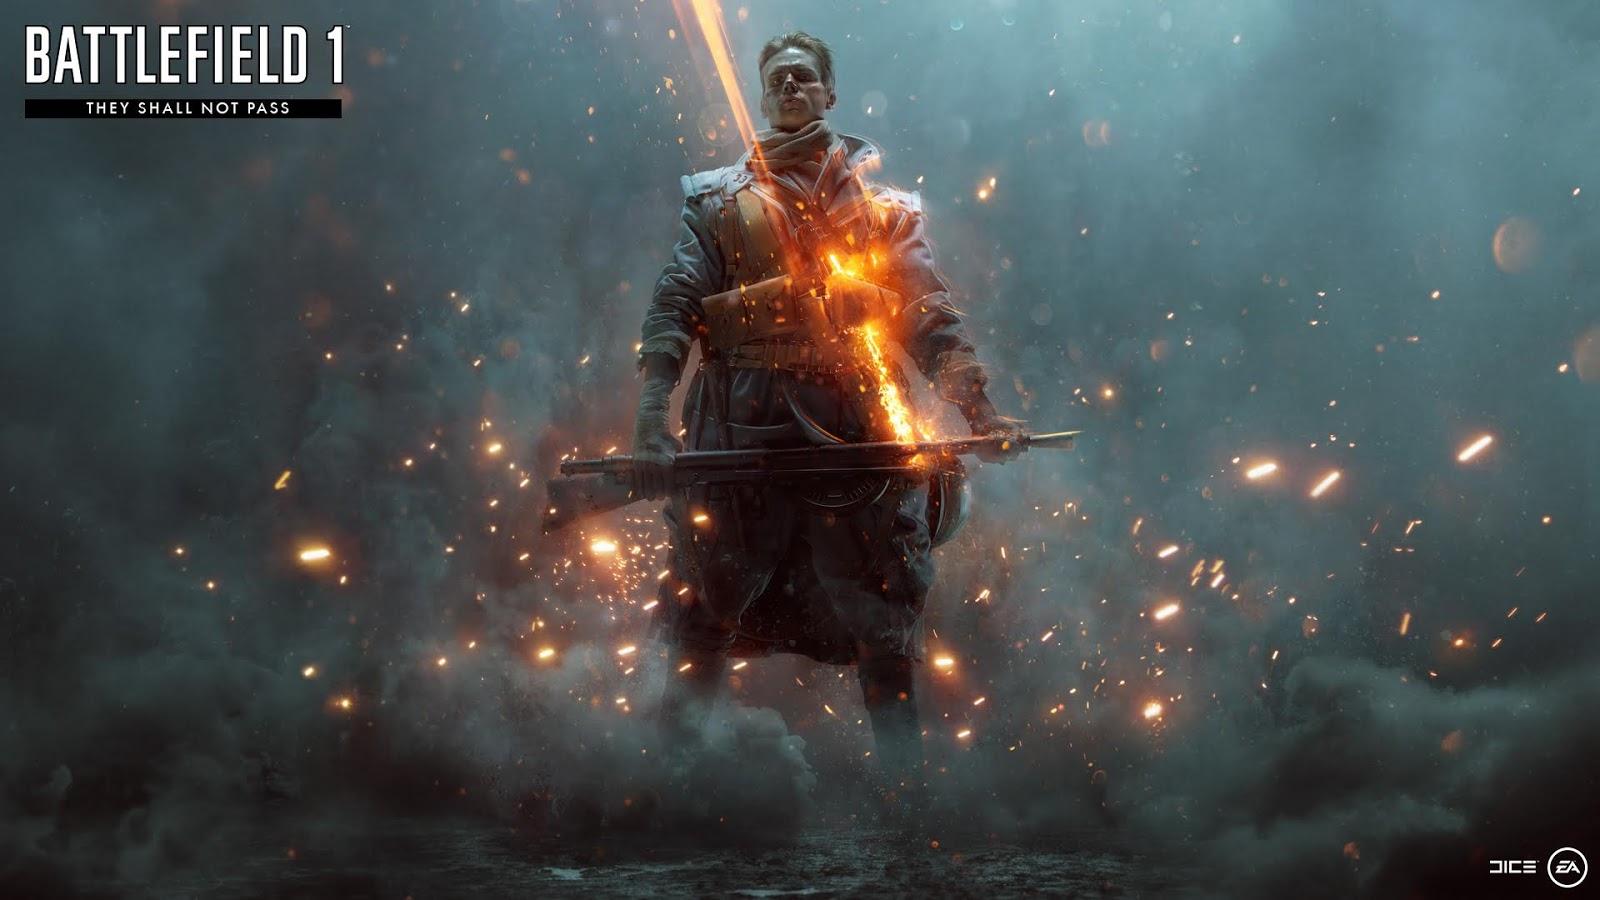 No te pierdas el tráiler de la expansión de Battlefield 1, They Shall Not Pass, 14 de marzo